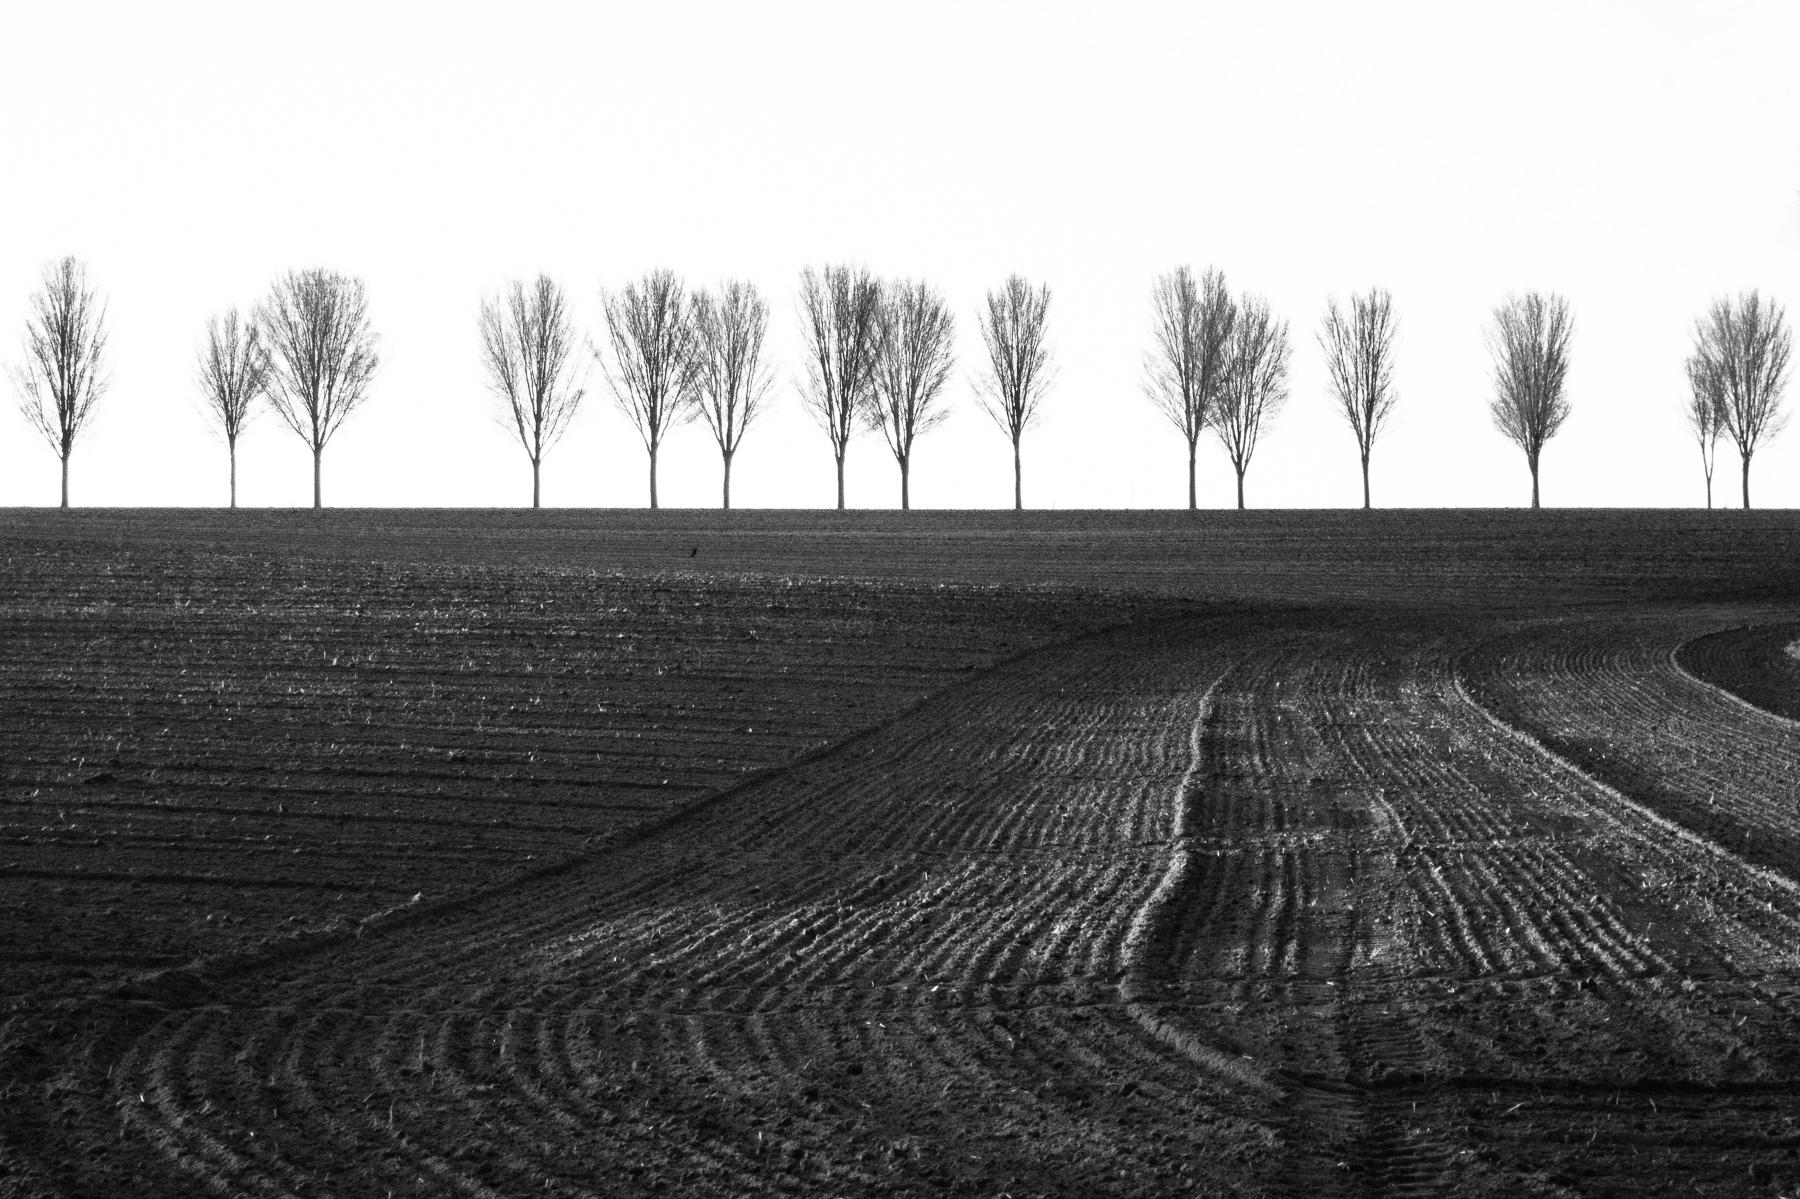 Baumreihe im Münsterland in schwarzweiß